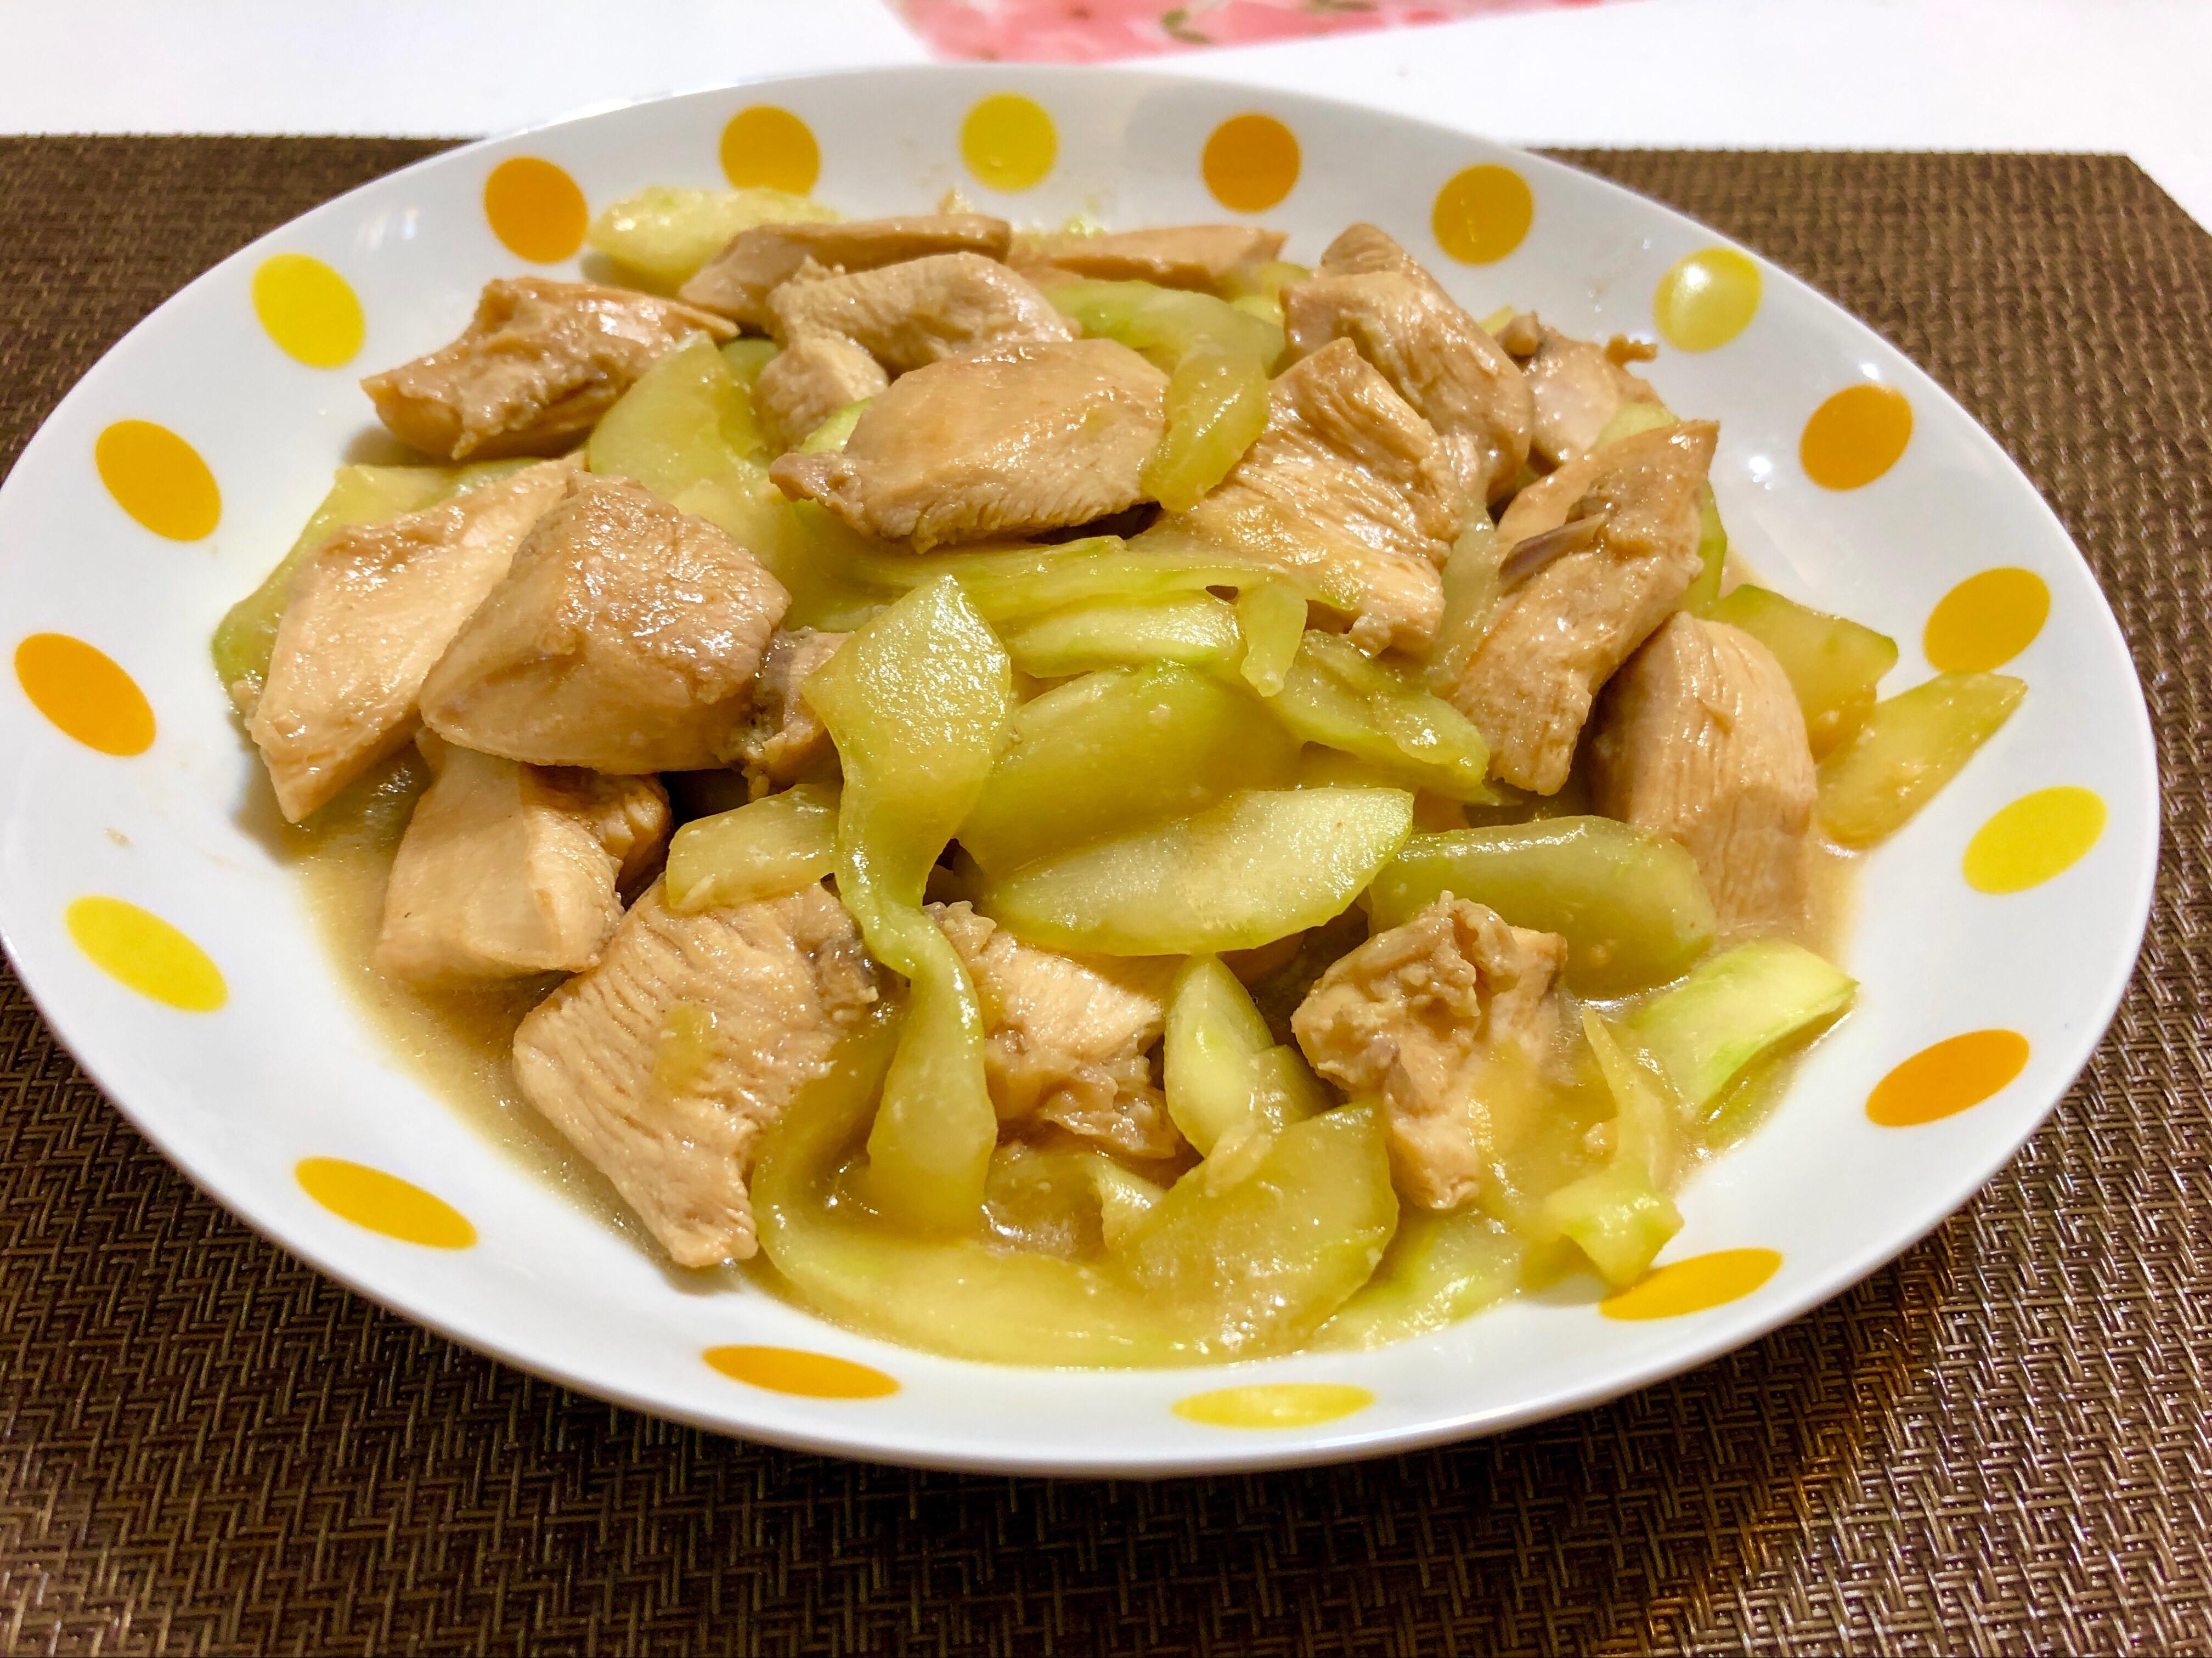 醬炒雞丁大黃瓜